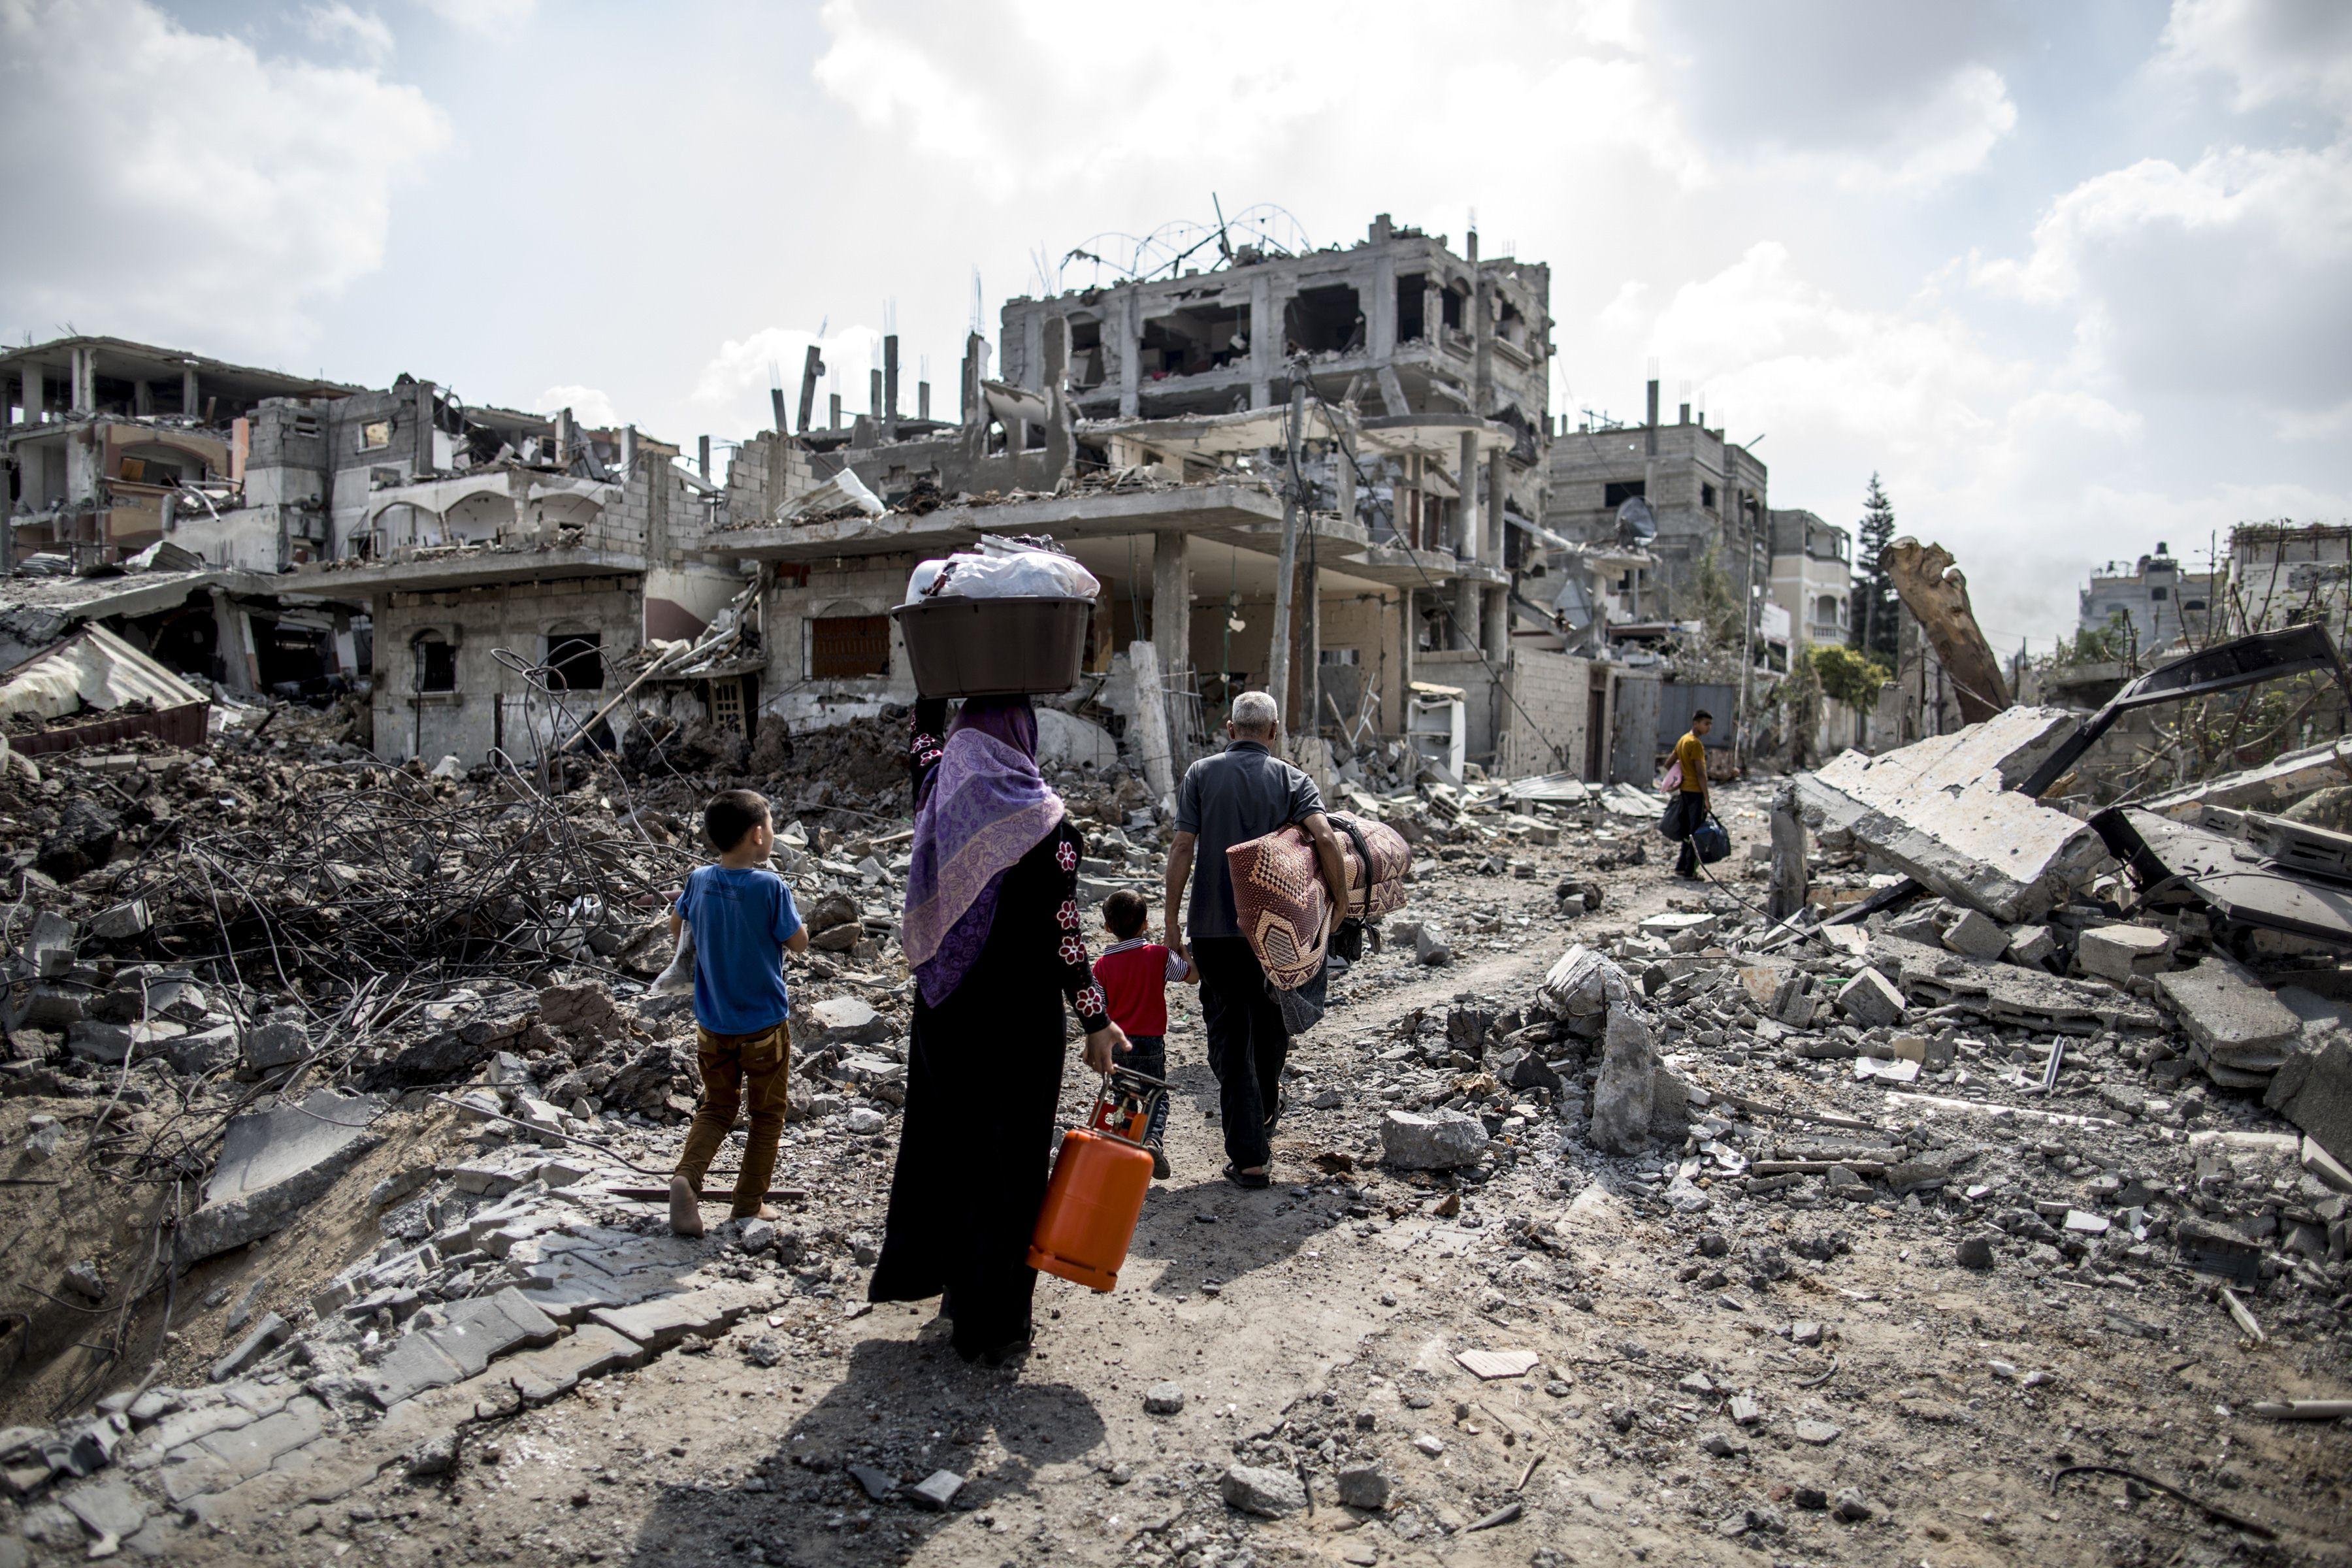 وكالة الرأي الفلسطينية - إقامة جبرية تفرضها حكومة الحمد الله على إعمار غزة